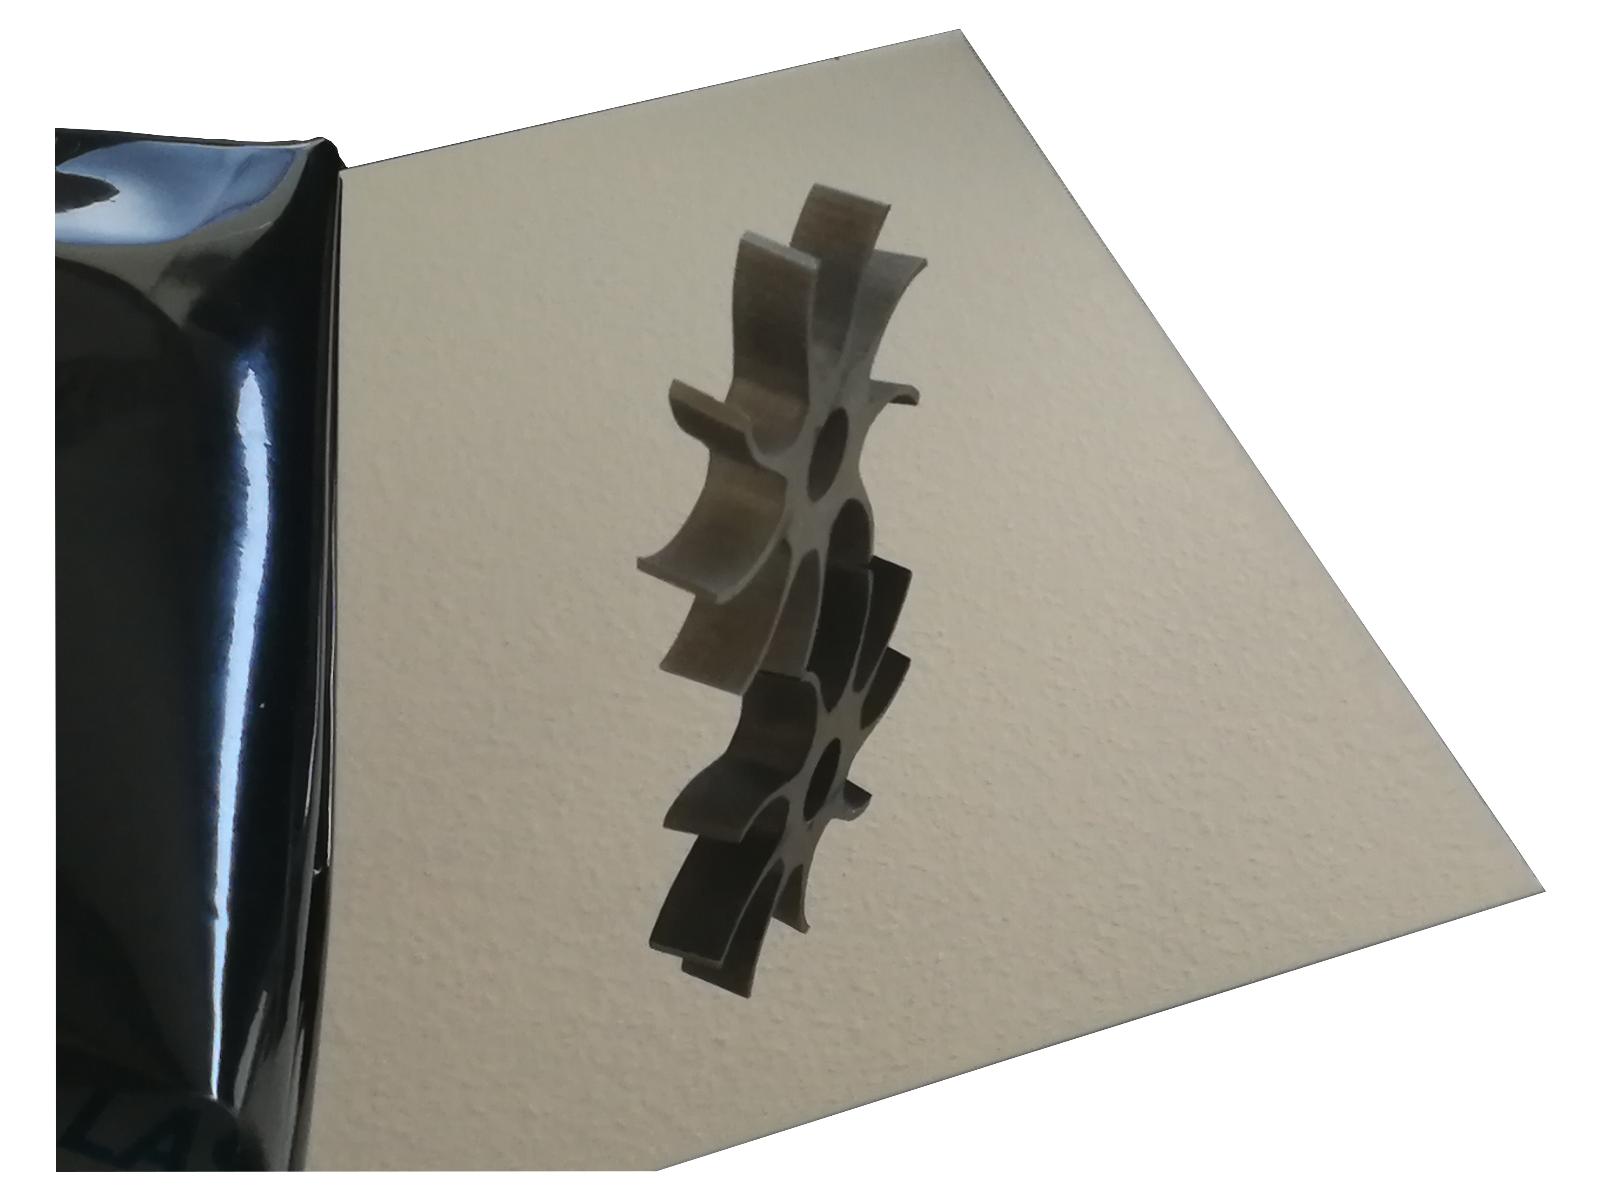 Edelstahl Blech 0,8mm Blank 1500mm Lang V2A Streifen Edelstahlplatte nach Maß